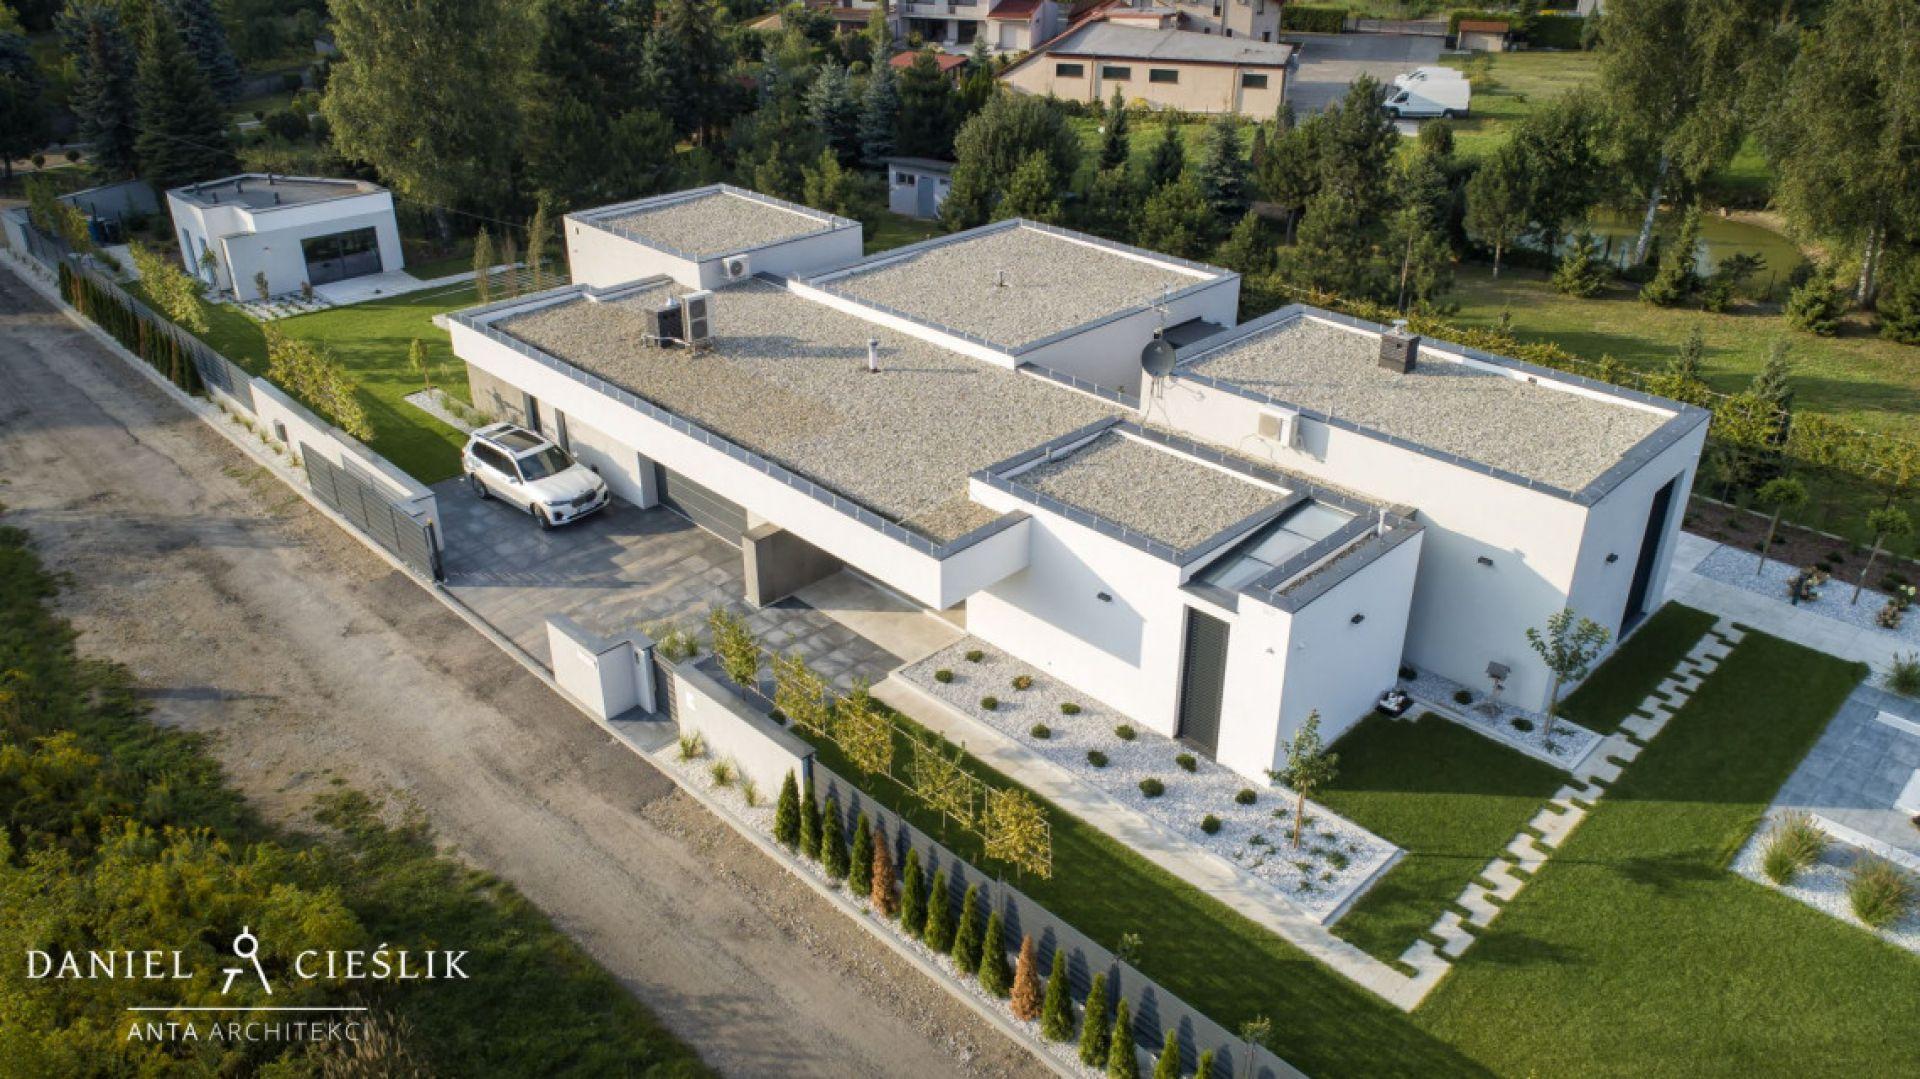 Fot. Anta Architekci